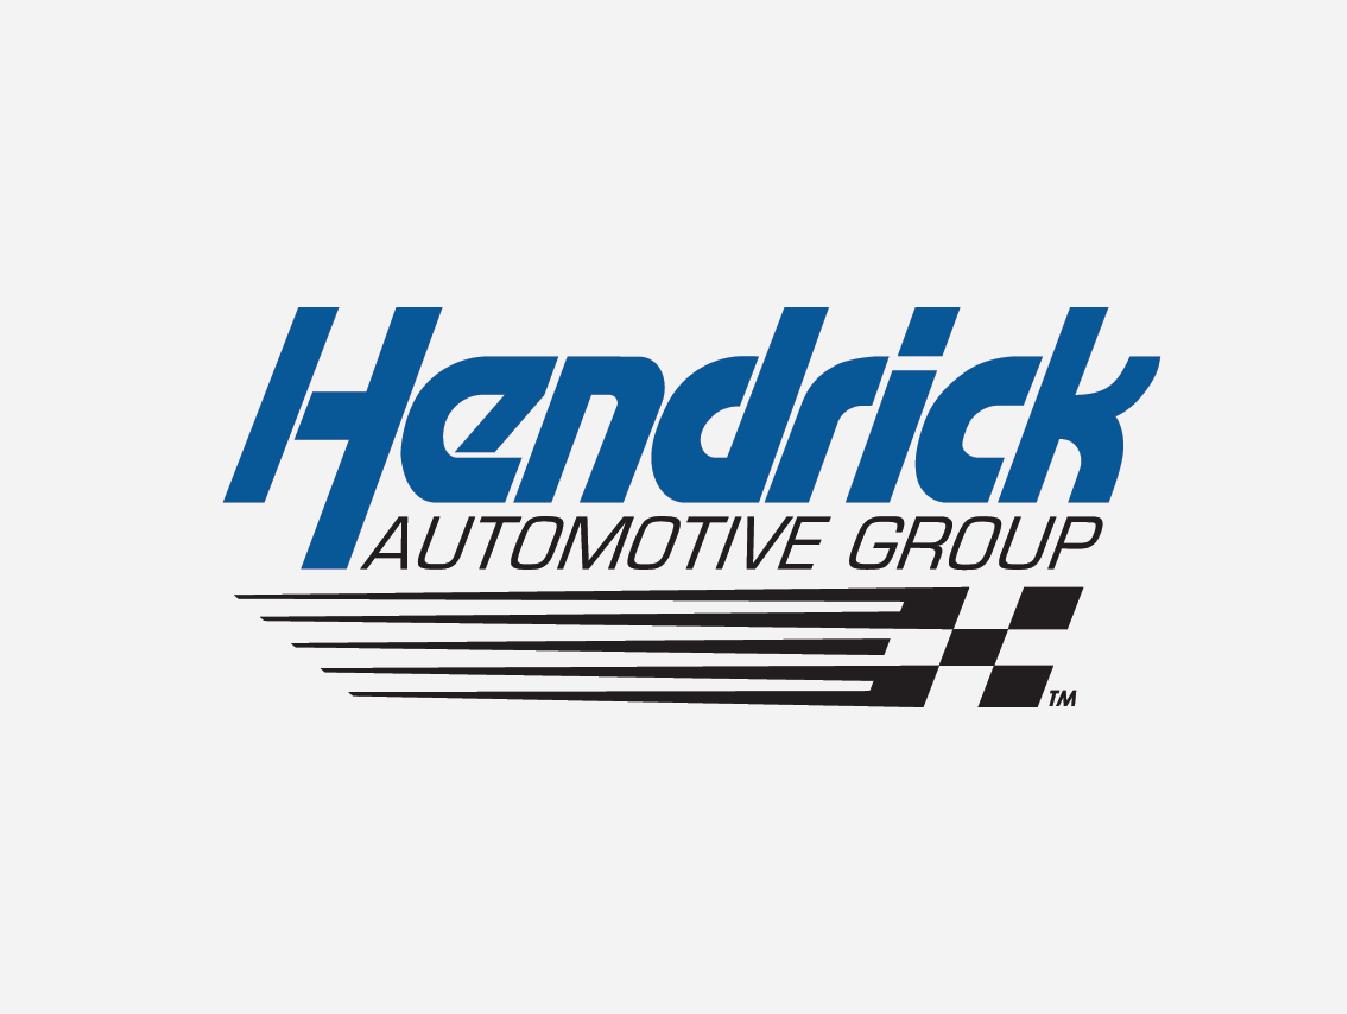 Automotive-Groups-04.png